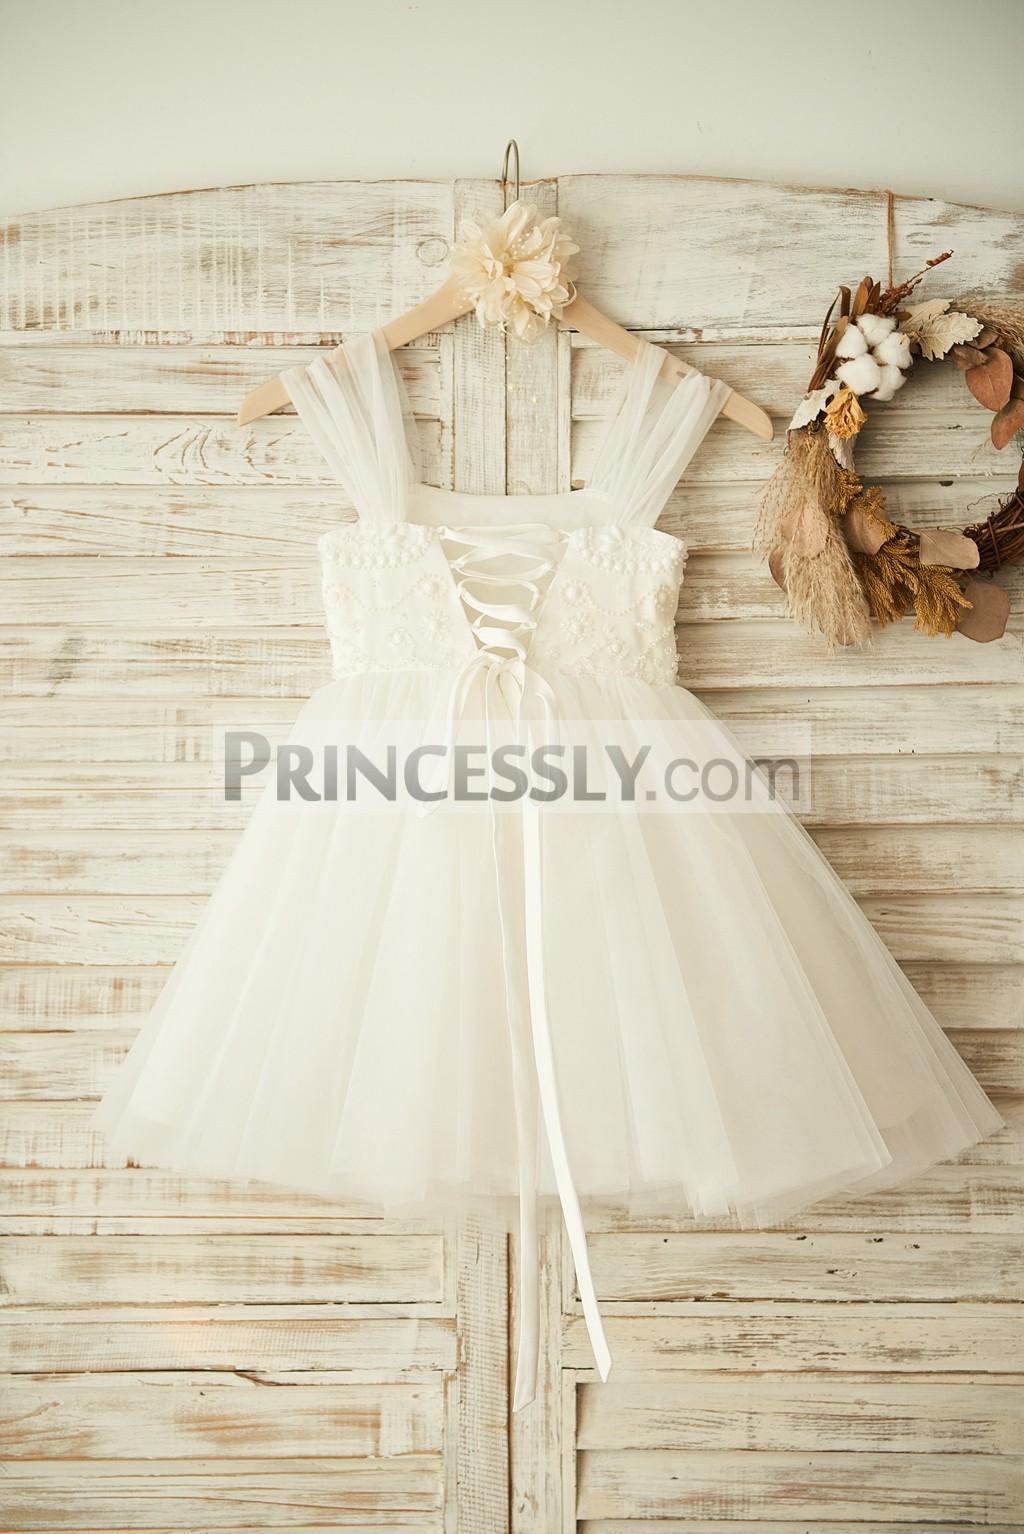 Lace-up back ivory tulle wedding baby girl dress